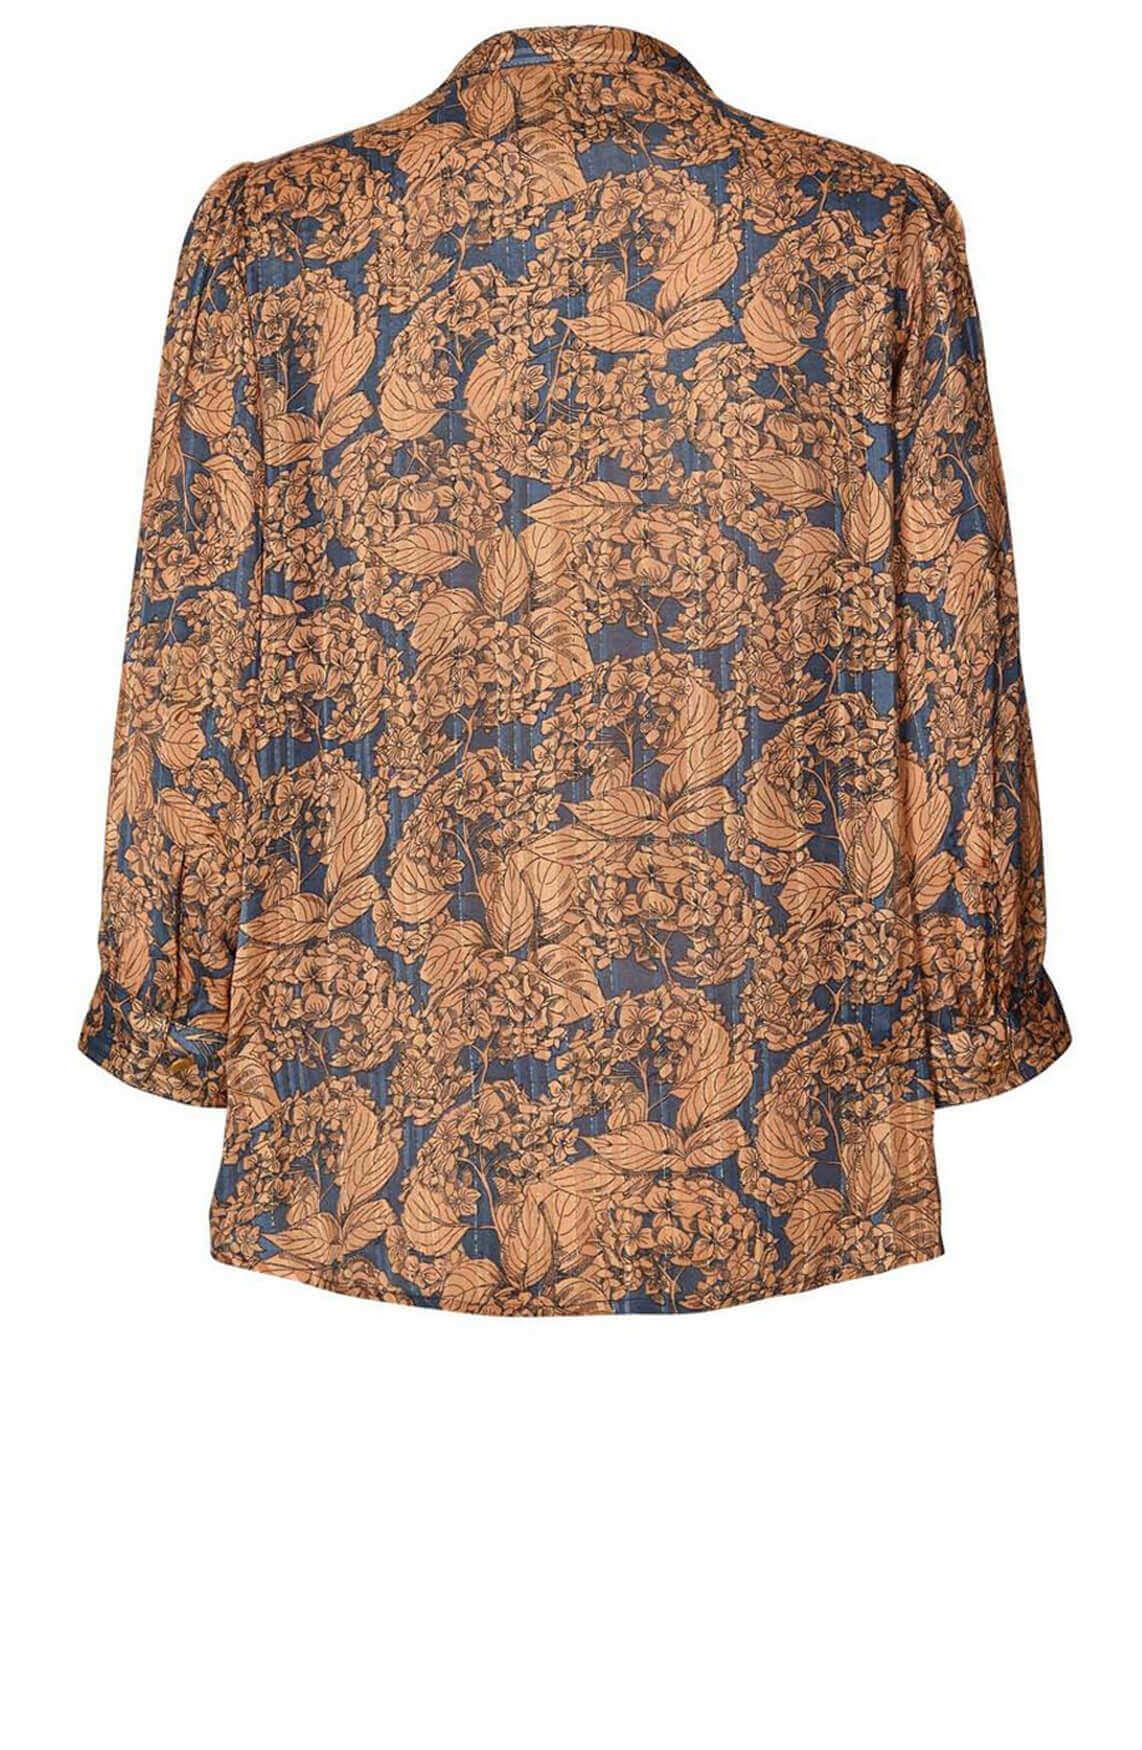 Lollys Laundry Dames Amalie blouse Bruin